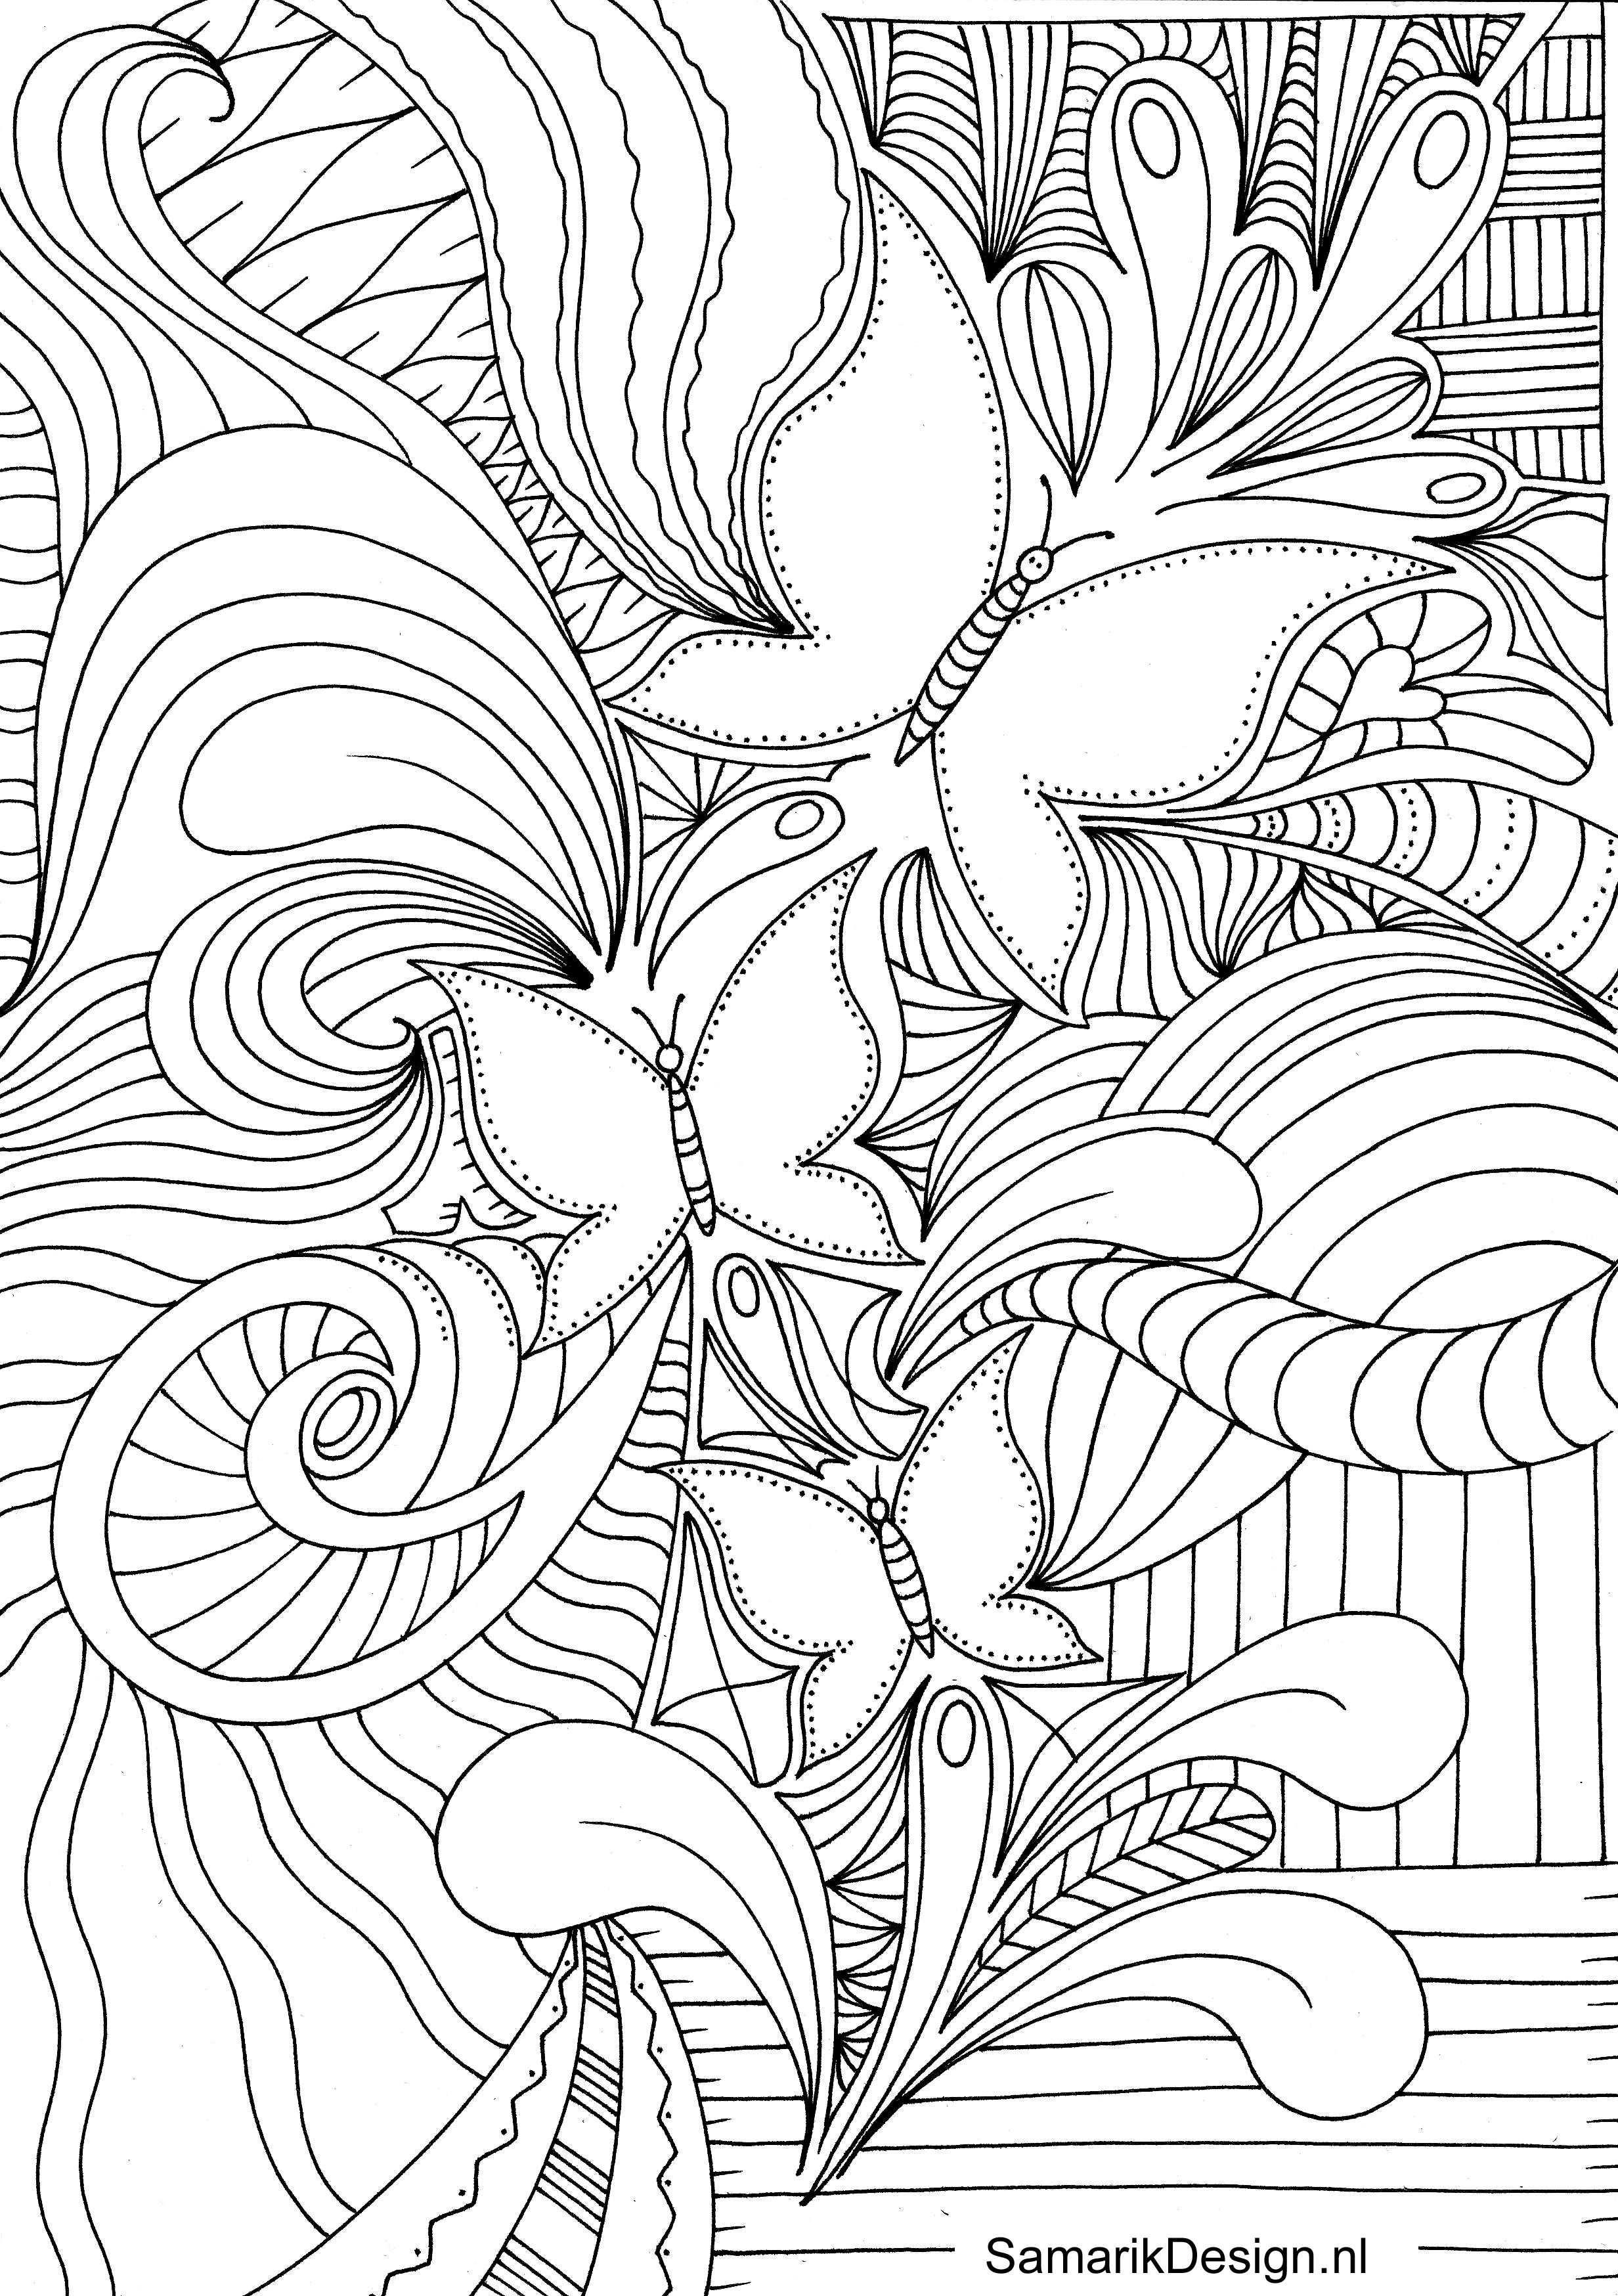 Afbeelding Van Kleurplaten Voor Volwassenen Colouring For Adults